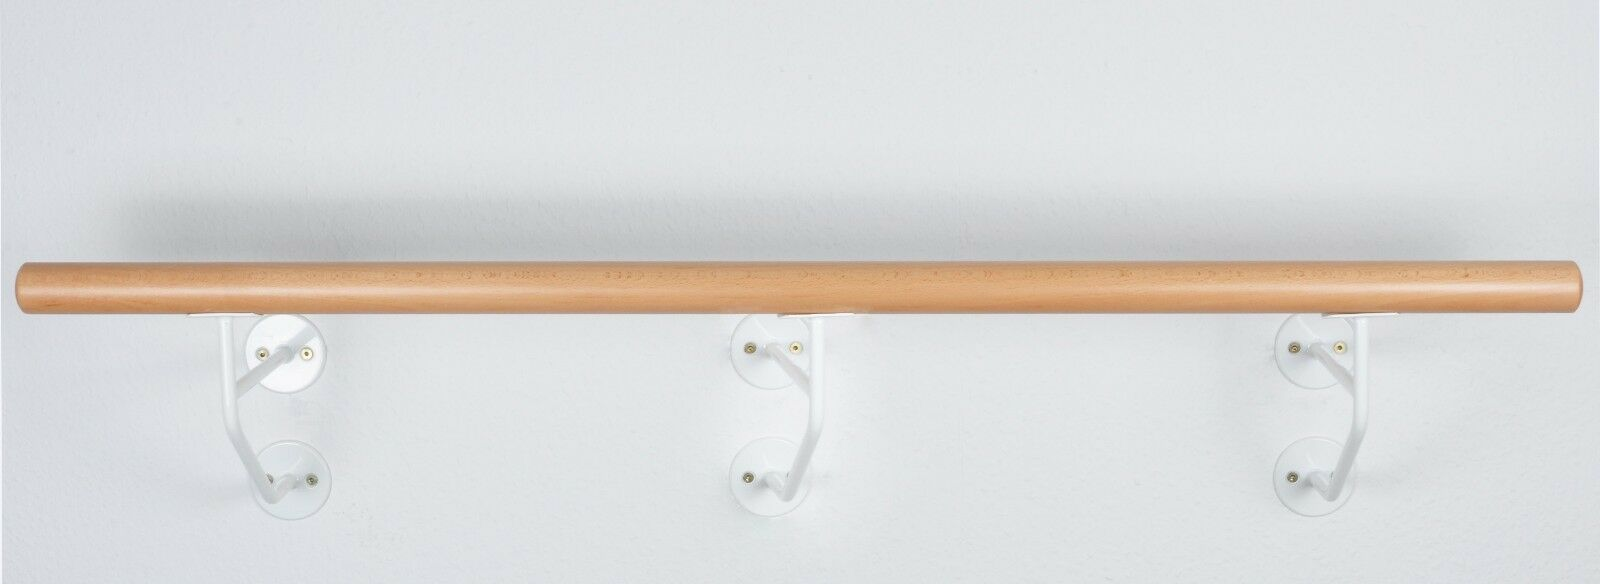 Ballettstange Ballettstange Ballettstange Holz 20cm Wandabstand weiße Wandhalter  EXPERT  21 Längen 1c2985